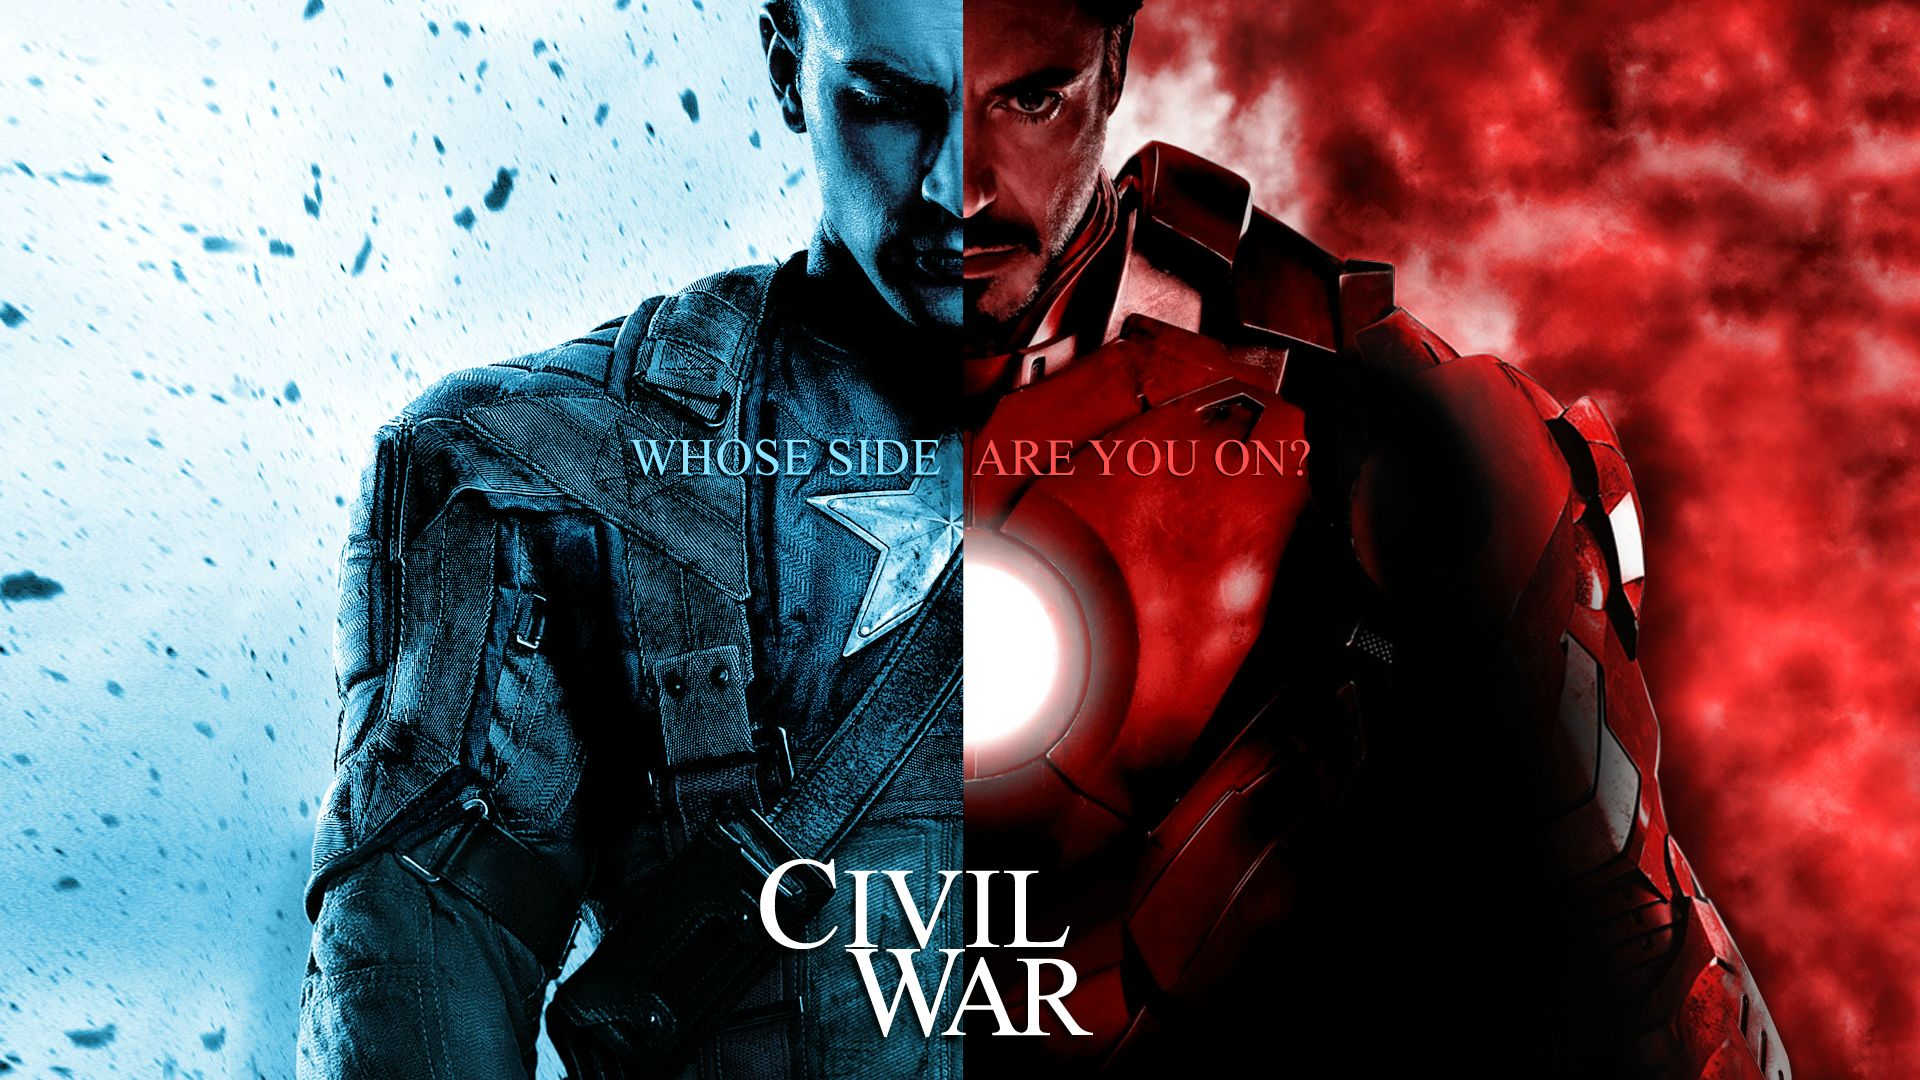 Съемки фильма «Первый мститель: Гражданская война» начнутся в апреле и пройдут в Атланте, Берлине и Пуэрто-Рико http://t.co/DFCn1H3VXv